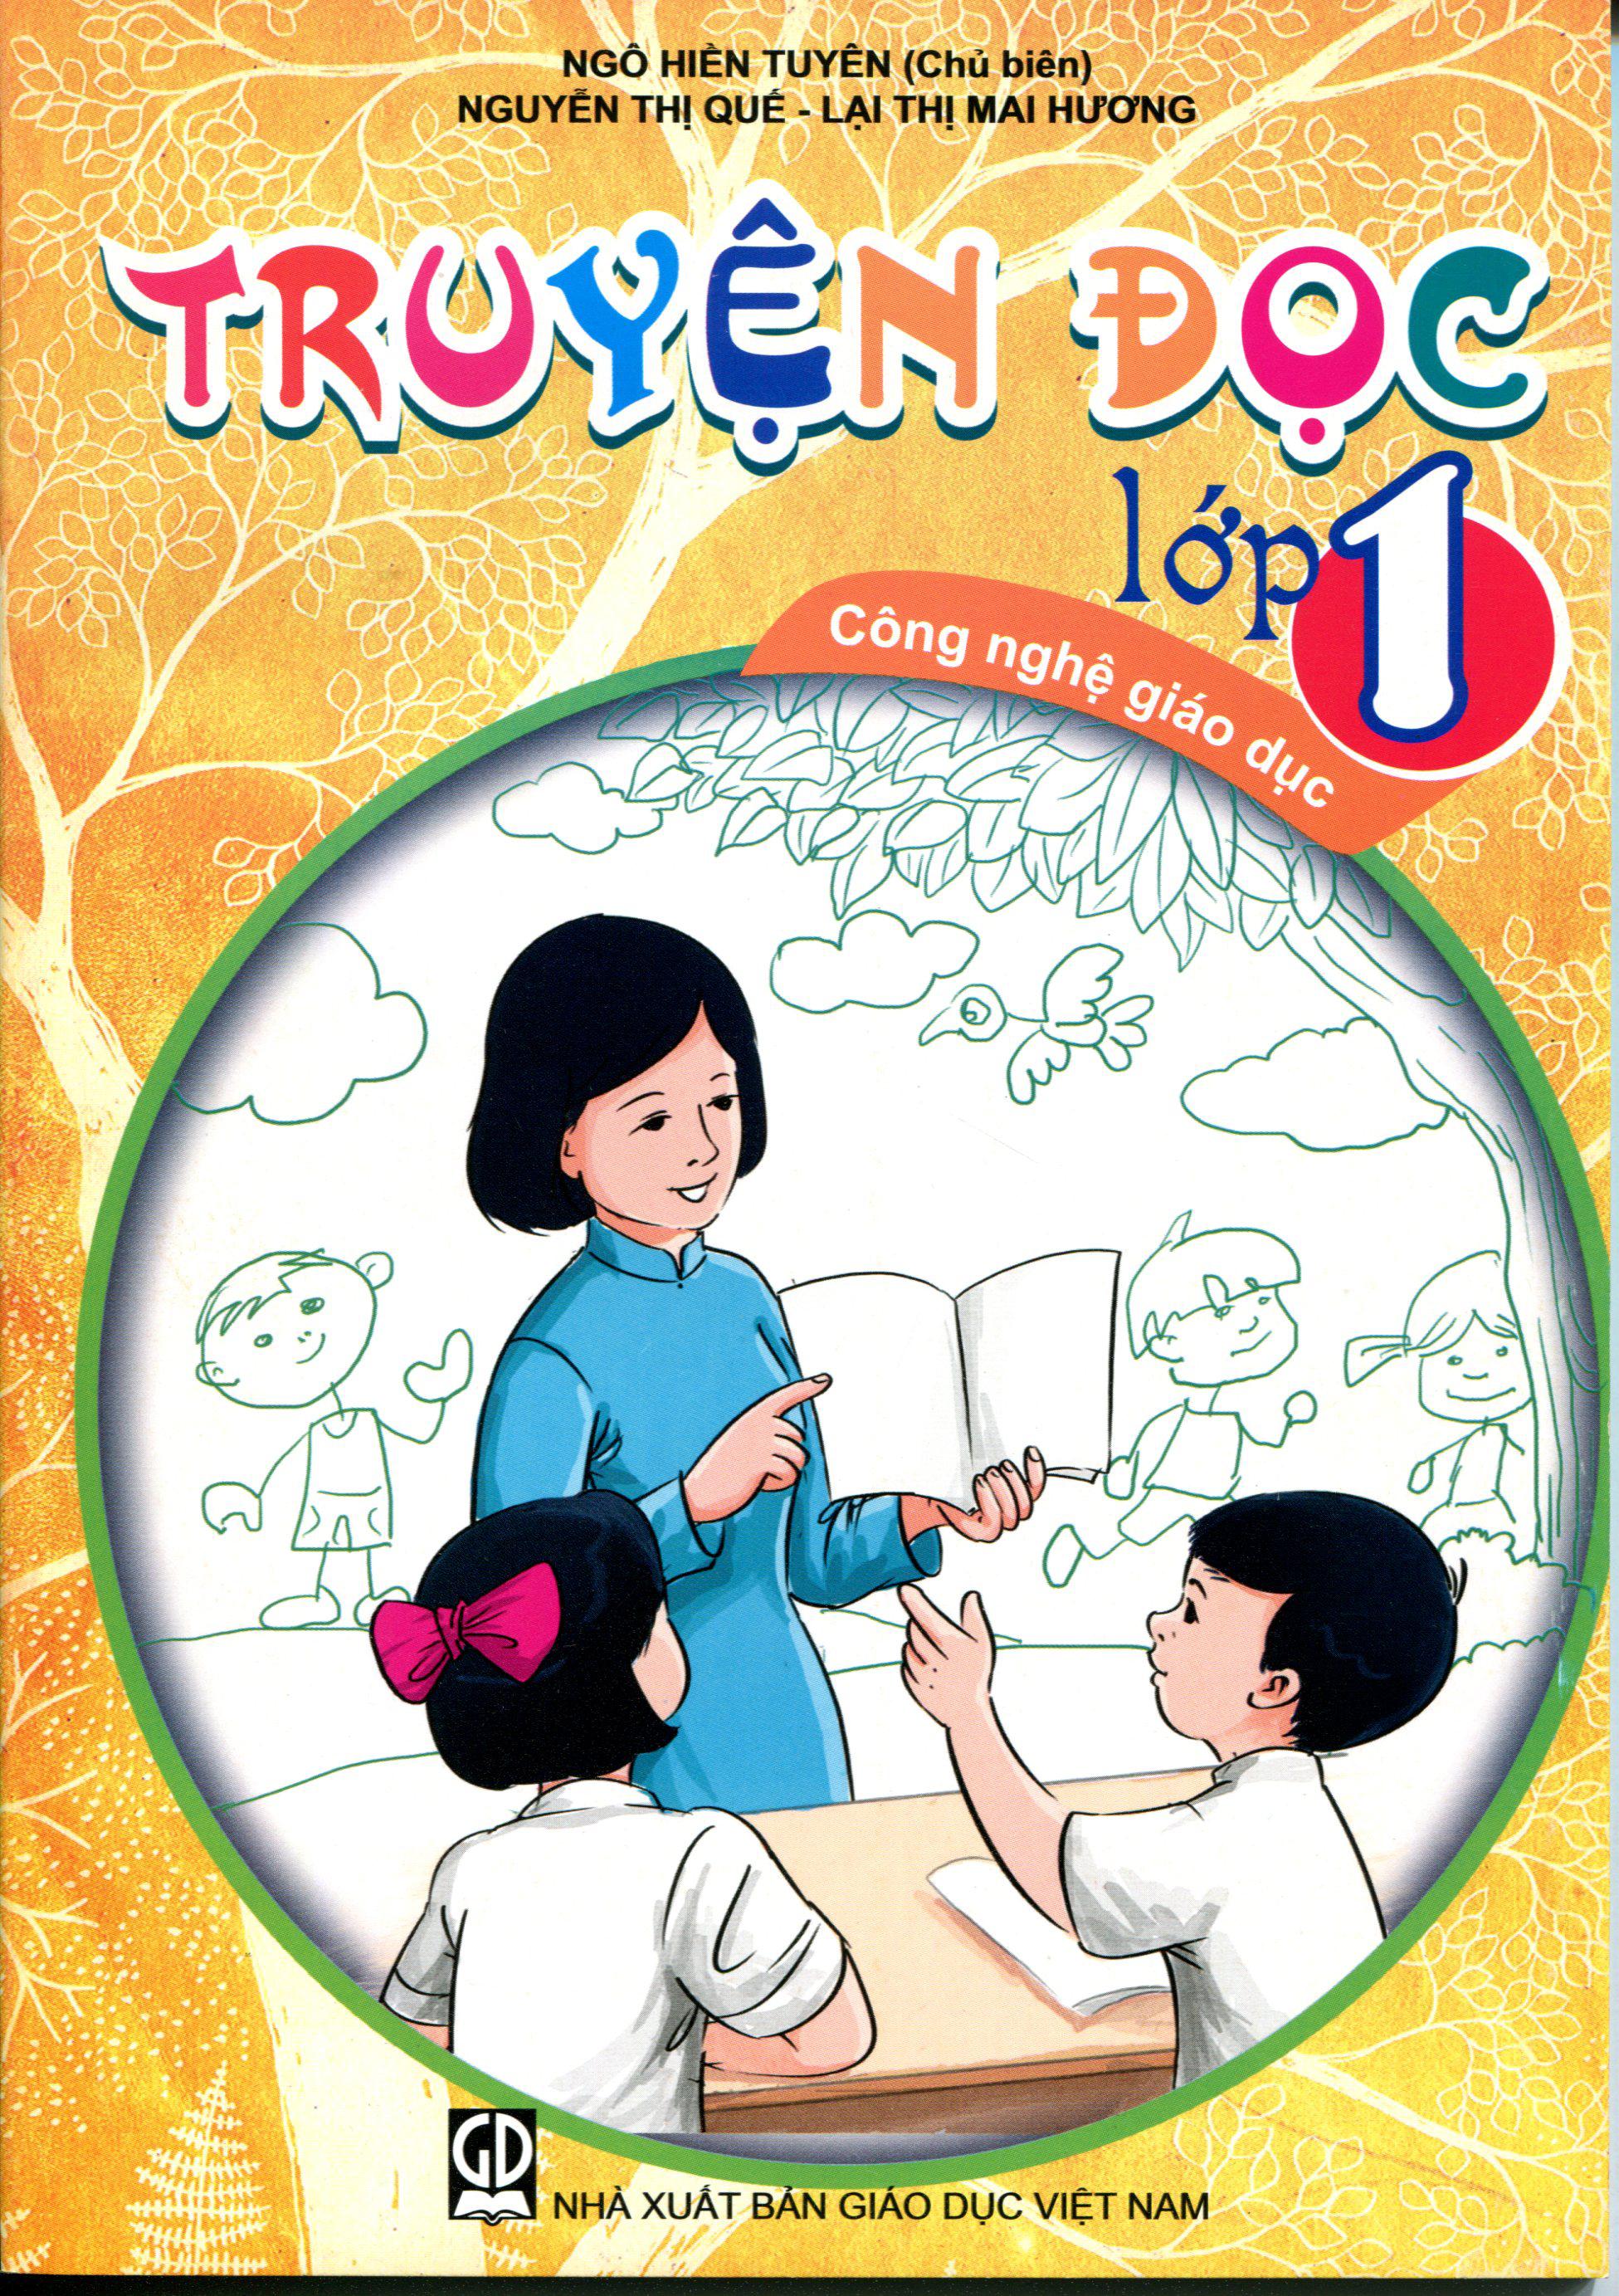 Truyện đọc lớp 1 (Công nghệ giáo dục)